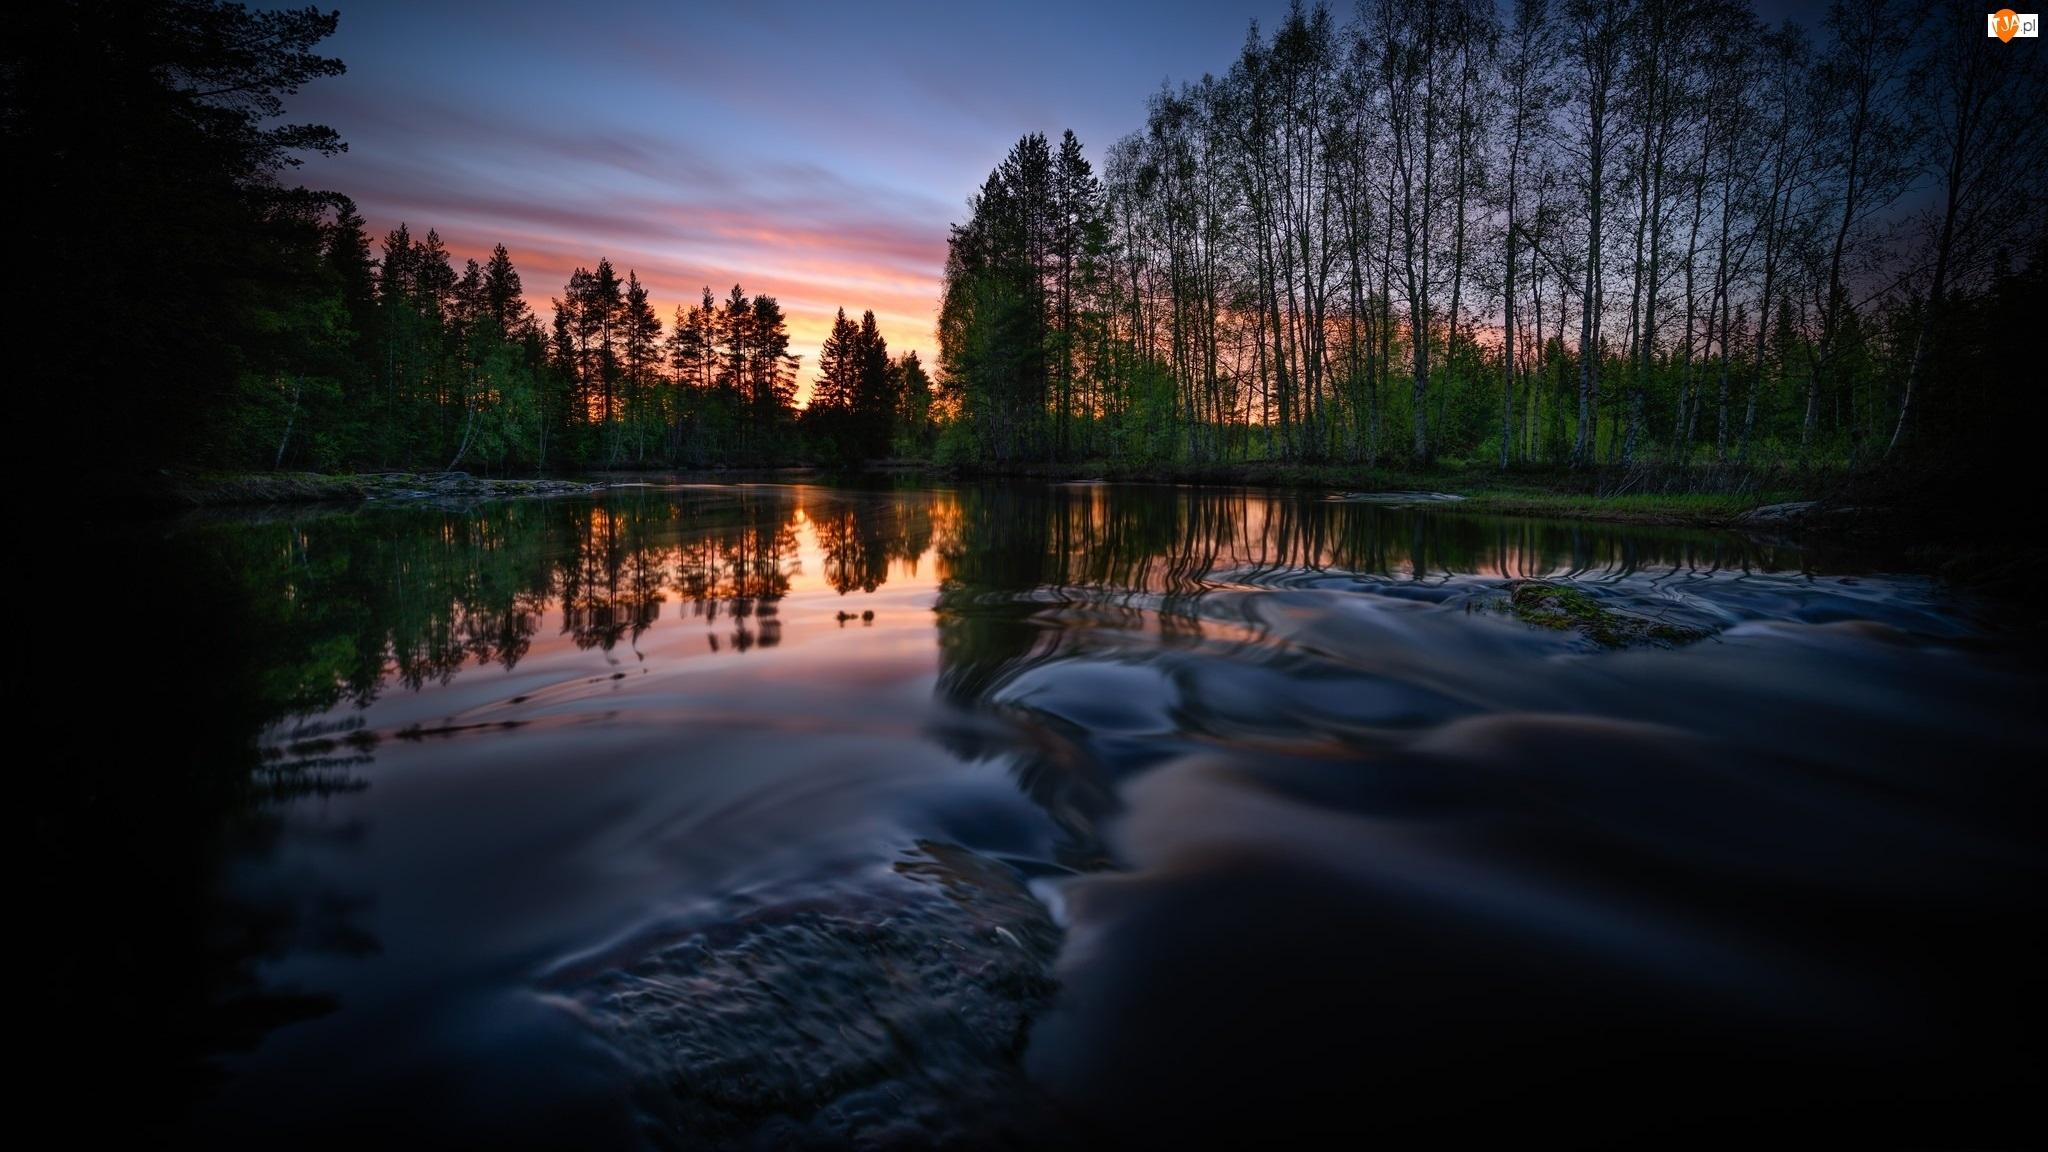 Zachód słońca, Jezioro, Drzewa